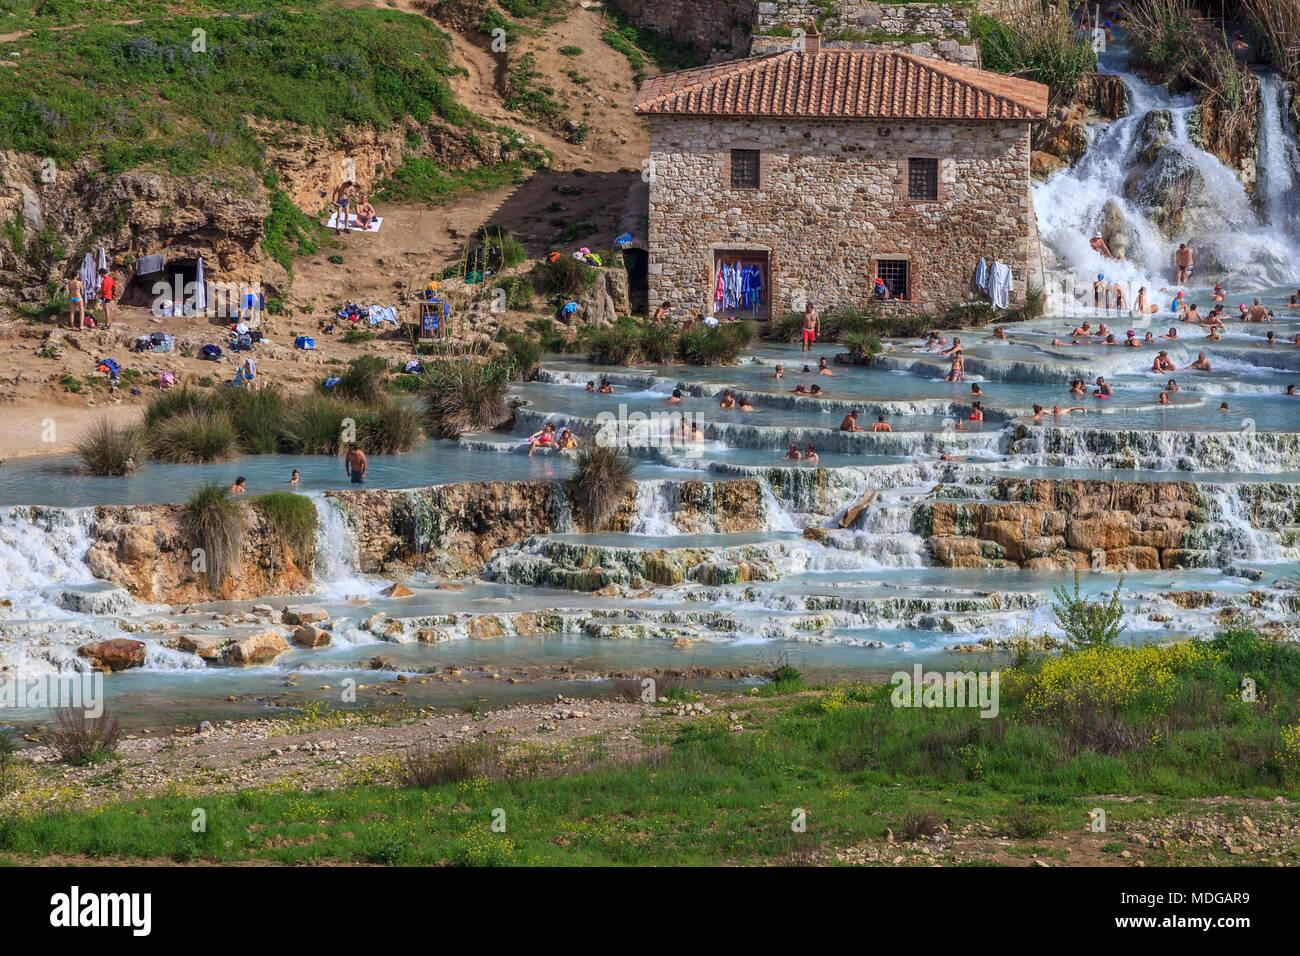 Cascate del Mulino Saturnia thermische Wasserfall Stockfotografie ...